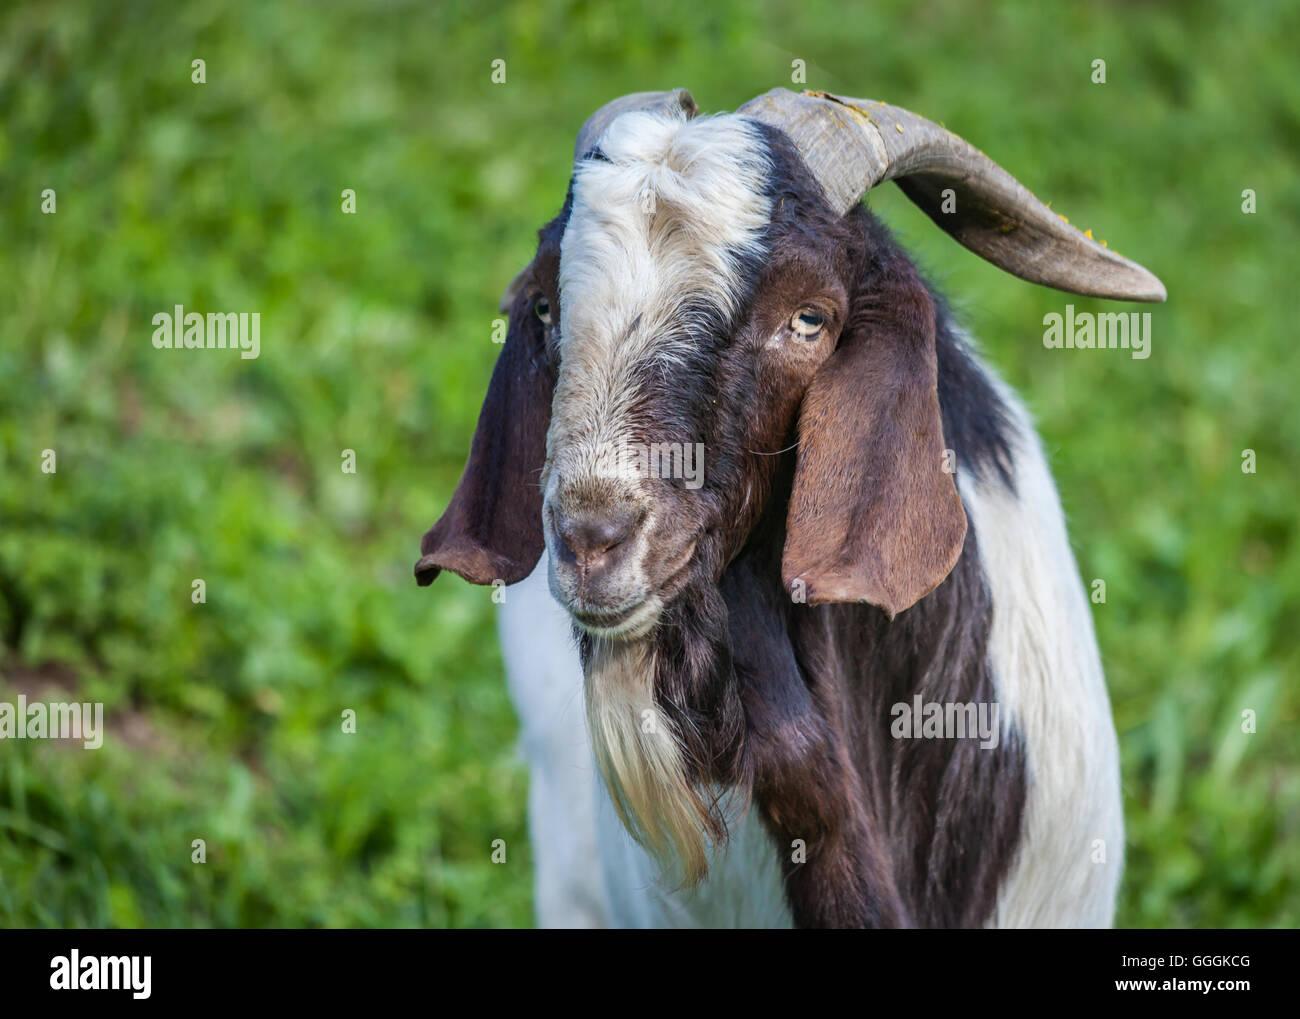 Zoologie, Säugetiere (Mammalia), Ziege auf einem Bauernhof in St. Jakob im Ahrntal (Ahrntal), Südtirol, Italien, Stockfoto